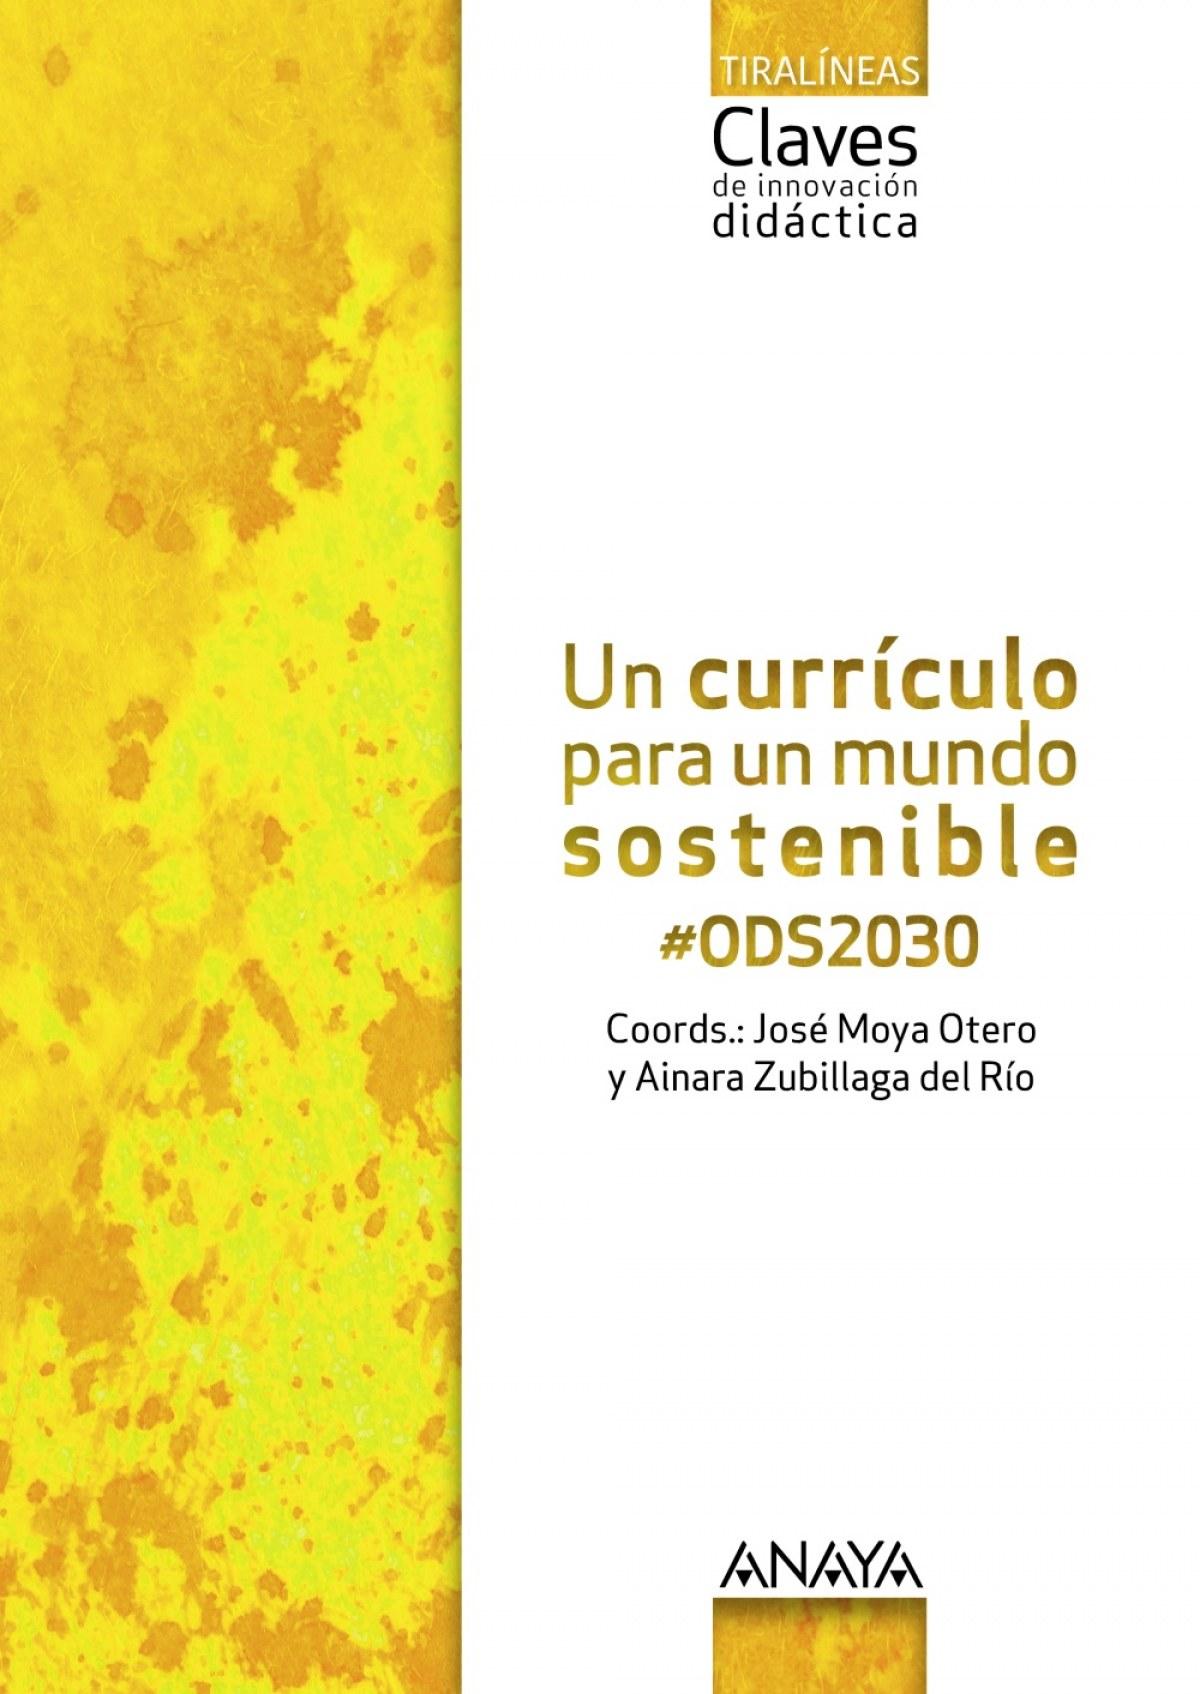 Un currículo para un mundo sostenible #ODS2030.